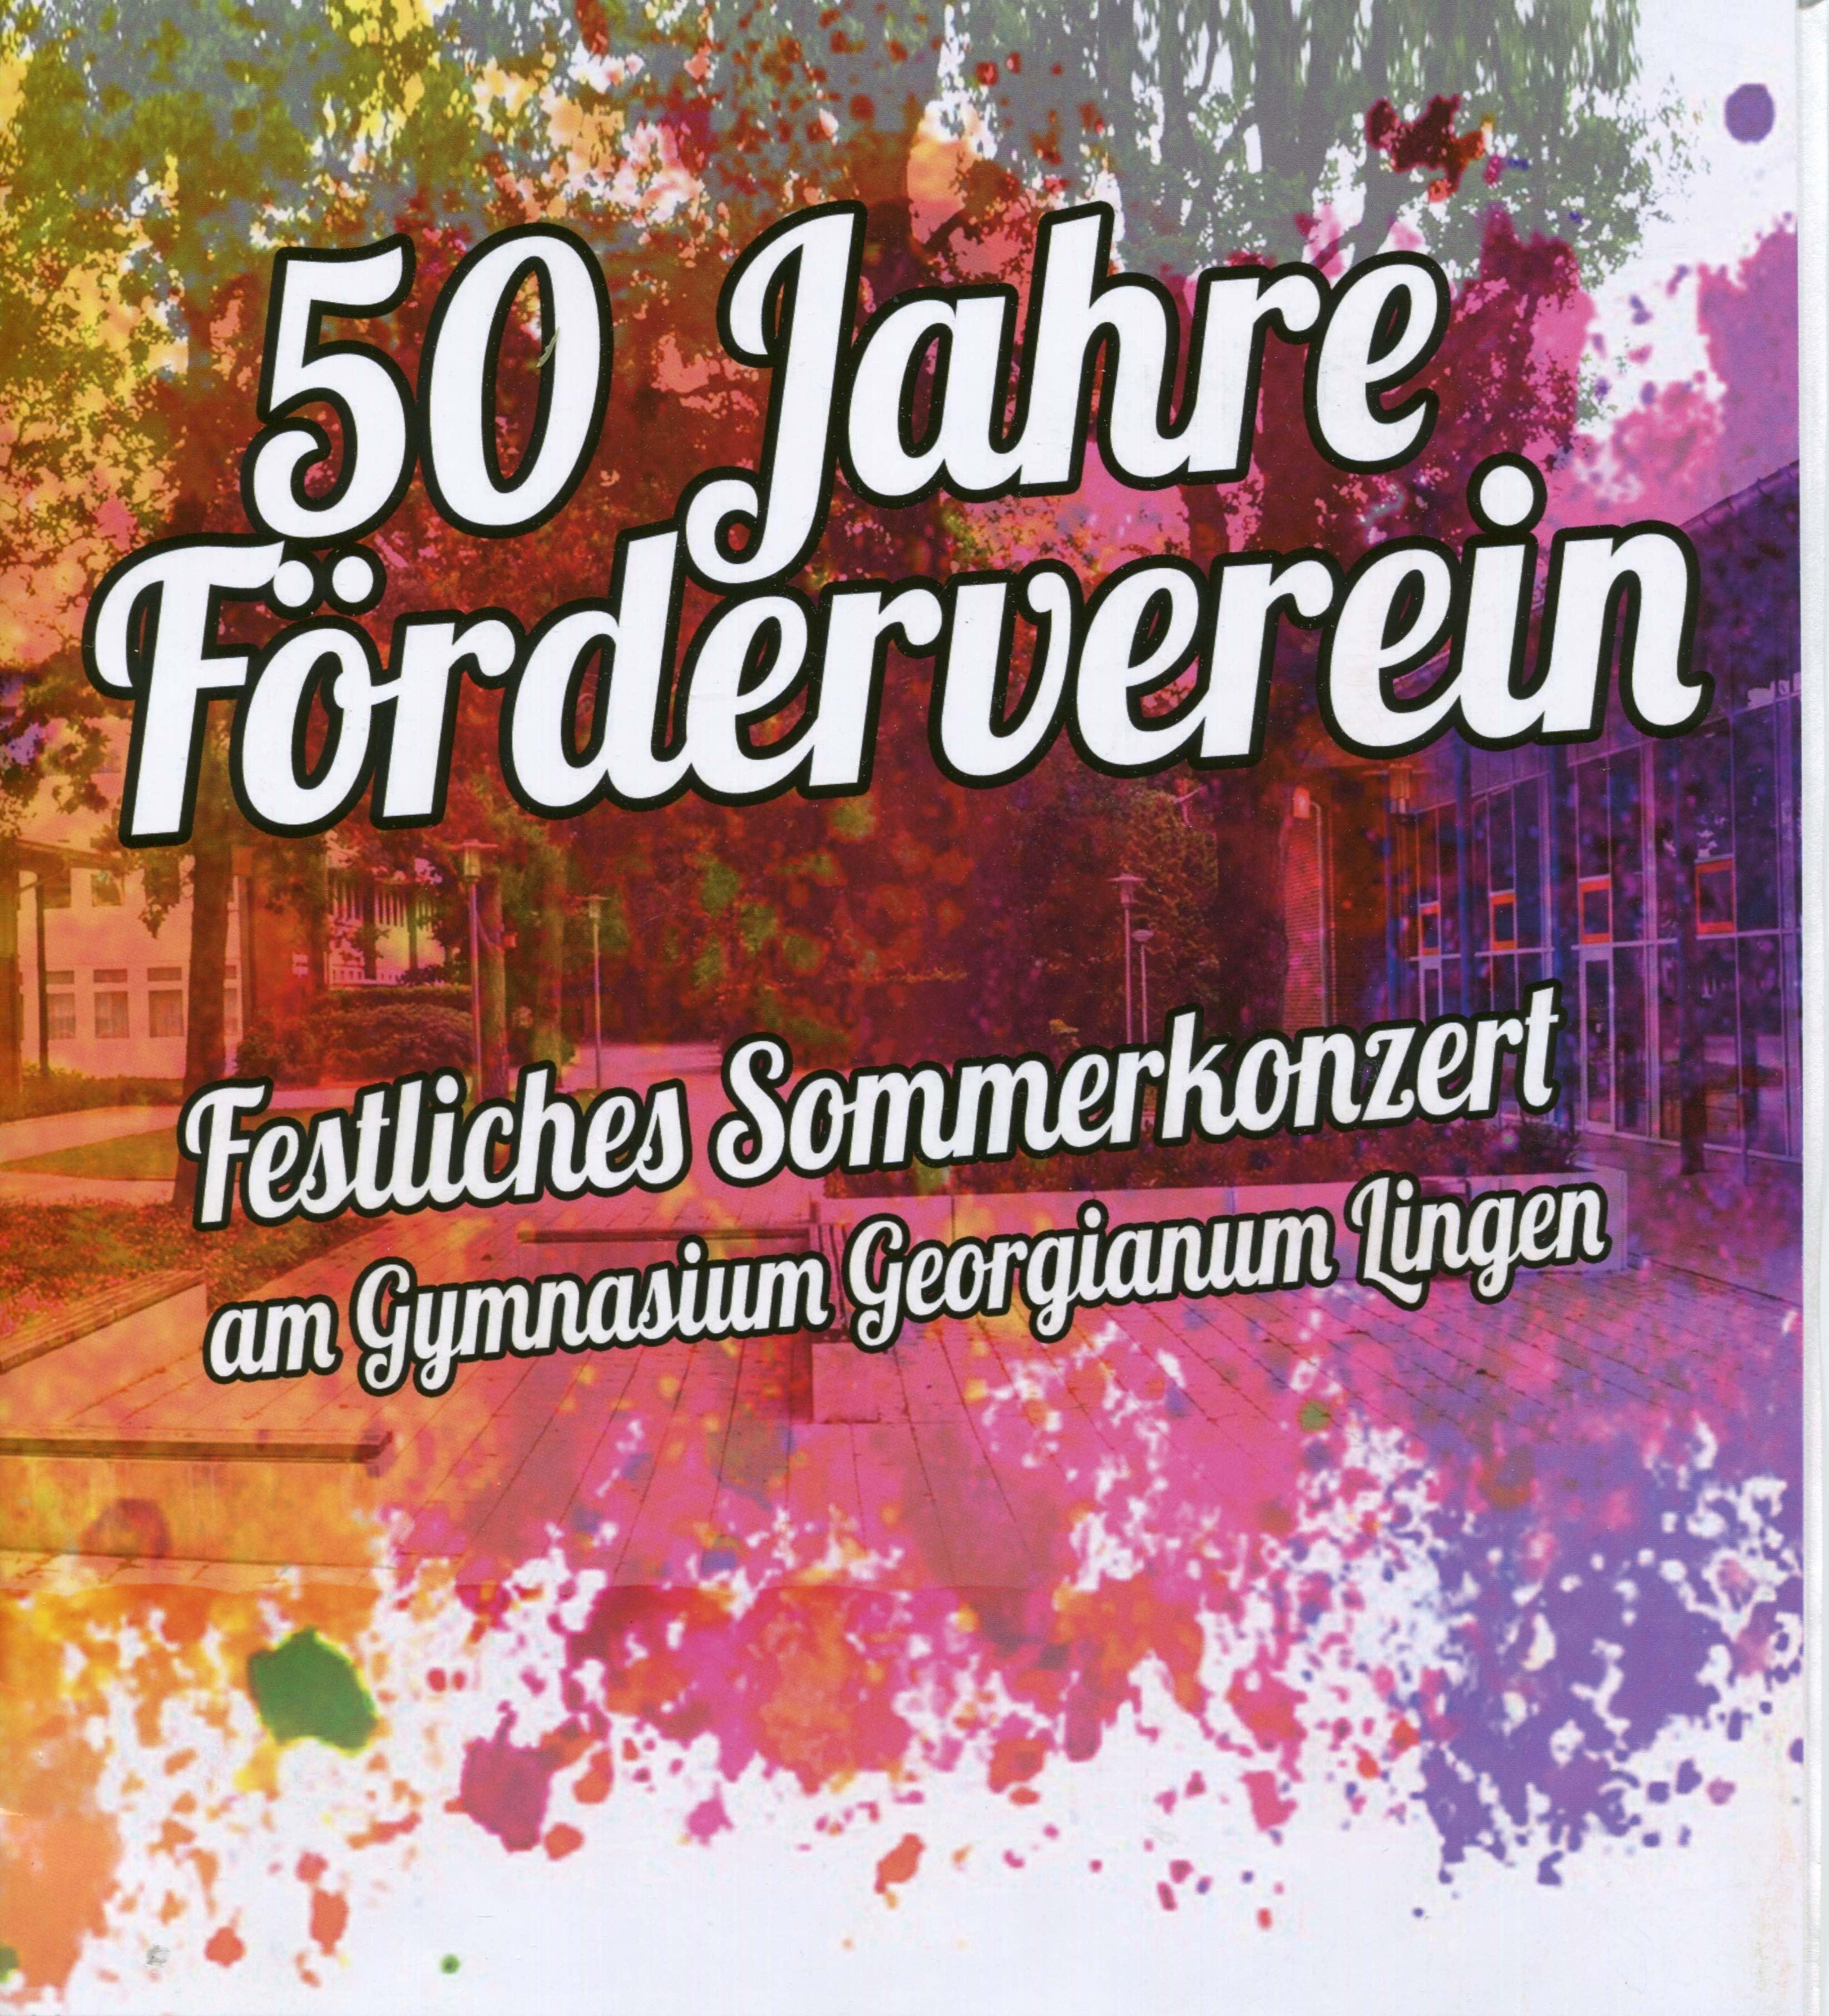 Impressionen vom Sommerkonzert zum 50jährigen Jubiläum des Fördervereins